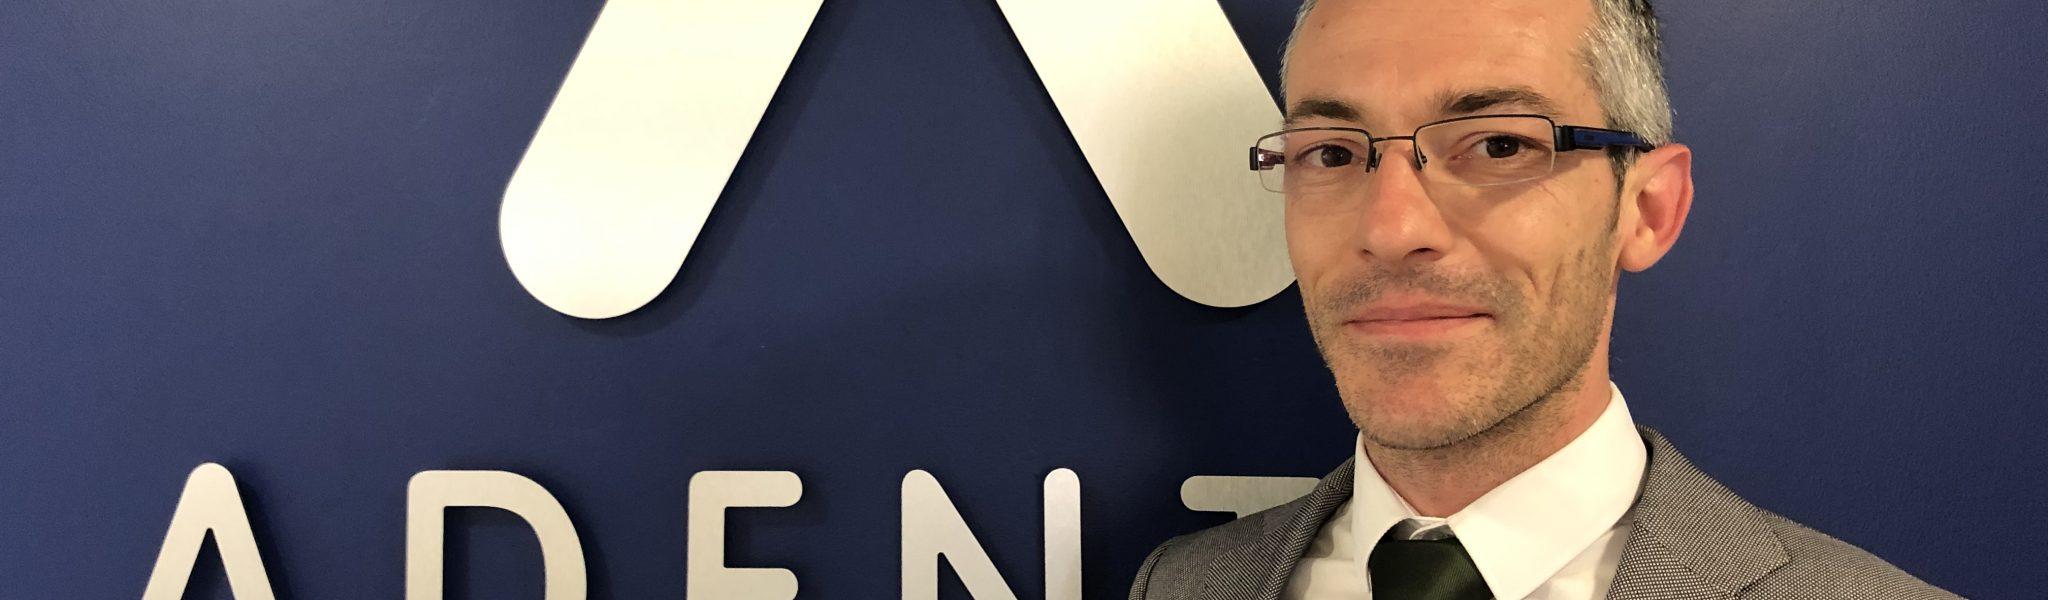 """""""Ajudar as empresas a atingirem patamares elevados de eficiência através de inovação e tecnologia Adentis"""""""